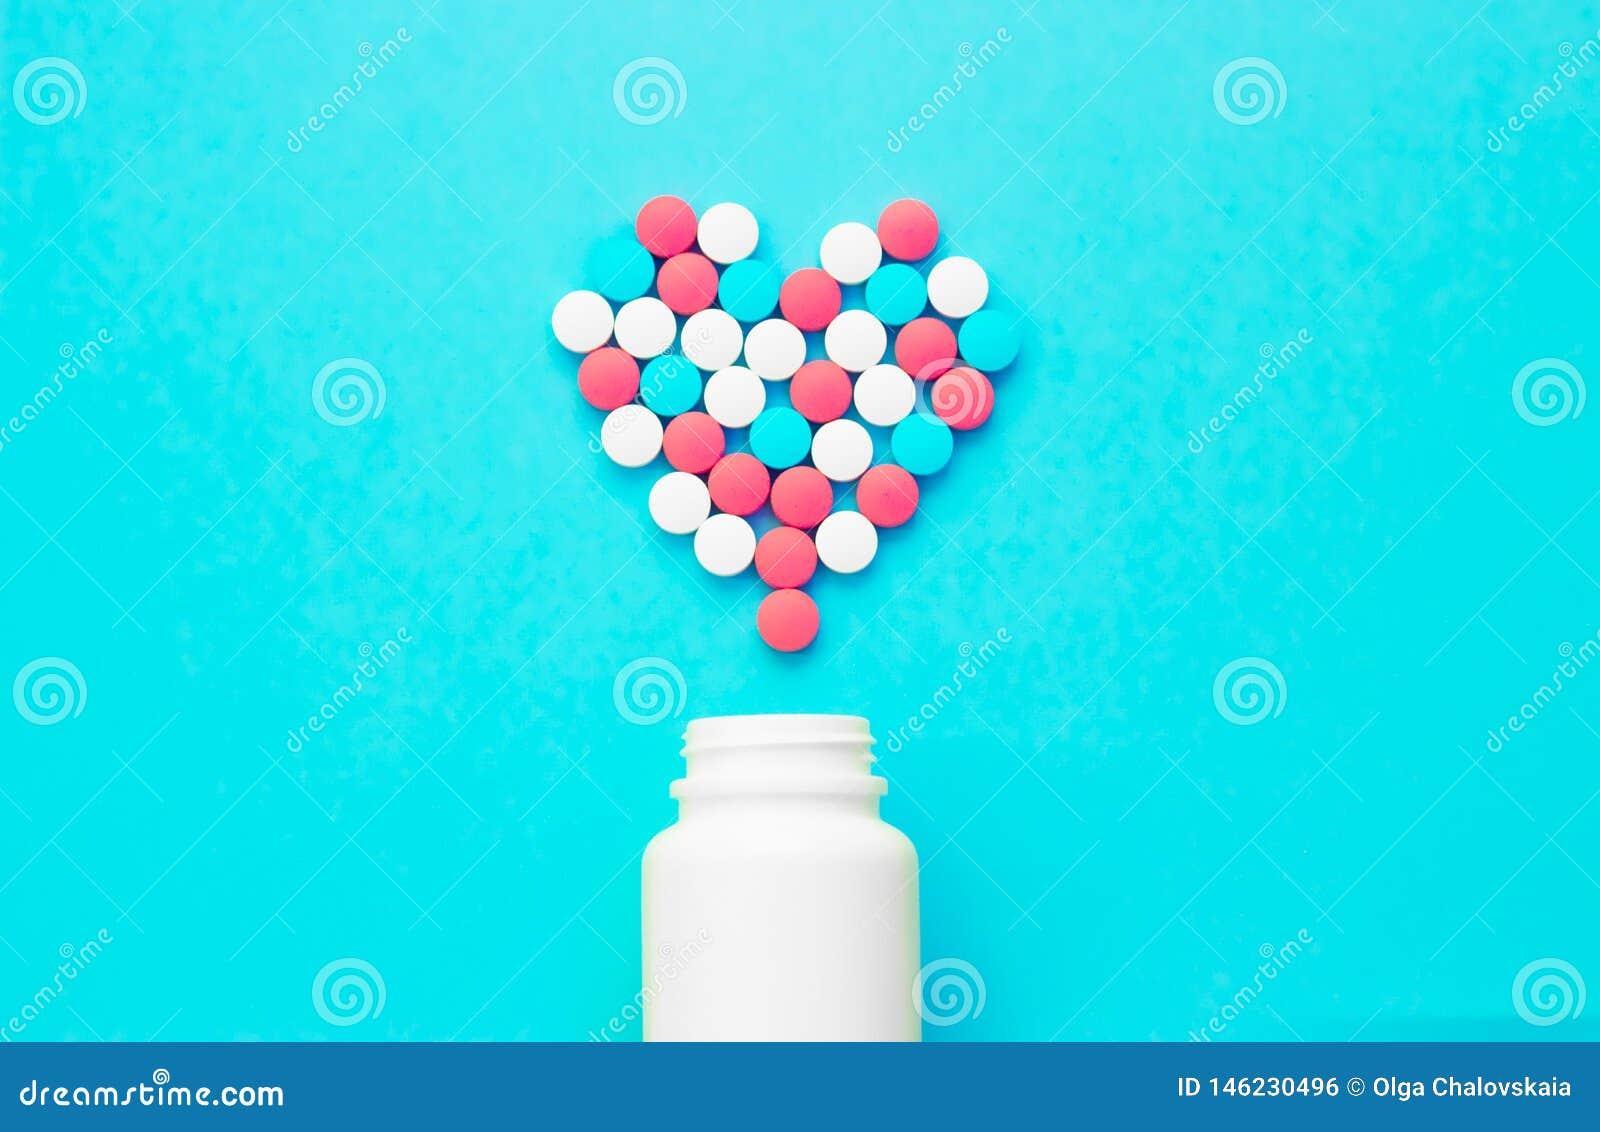 Πολύχρωμα χάπια από τα άσπρα βάζα σε ένα μπλε υπόβαθρο